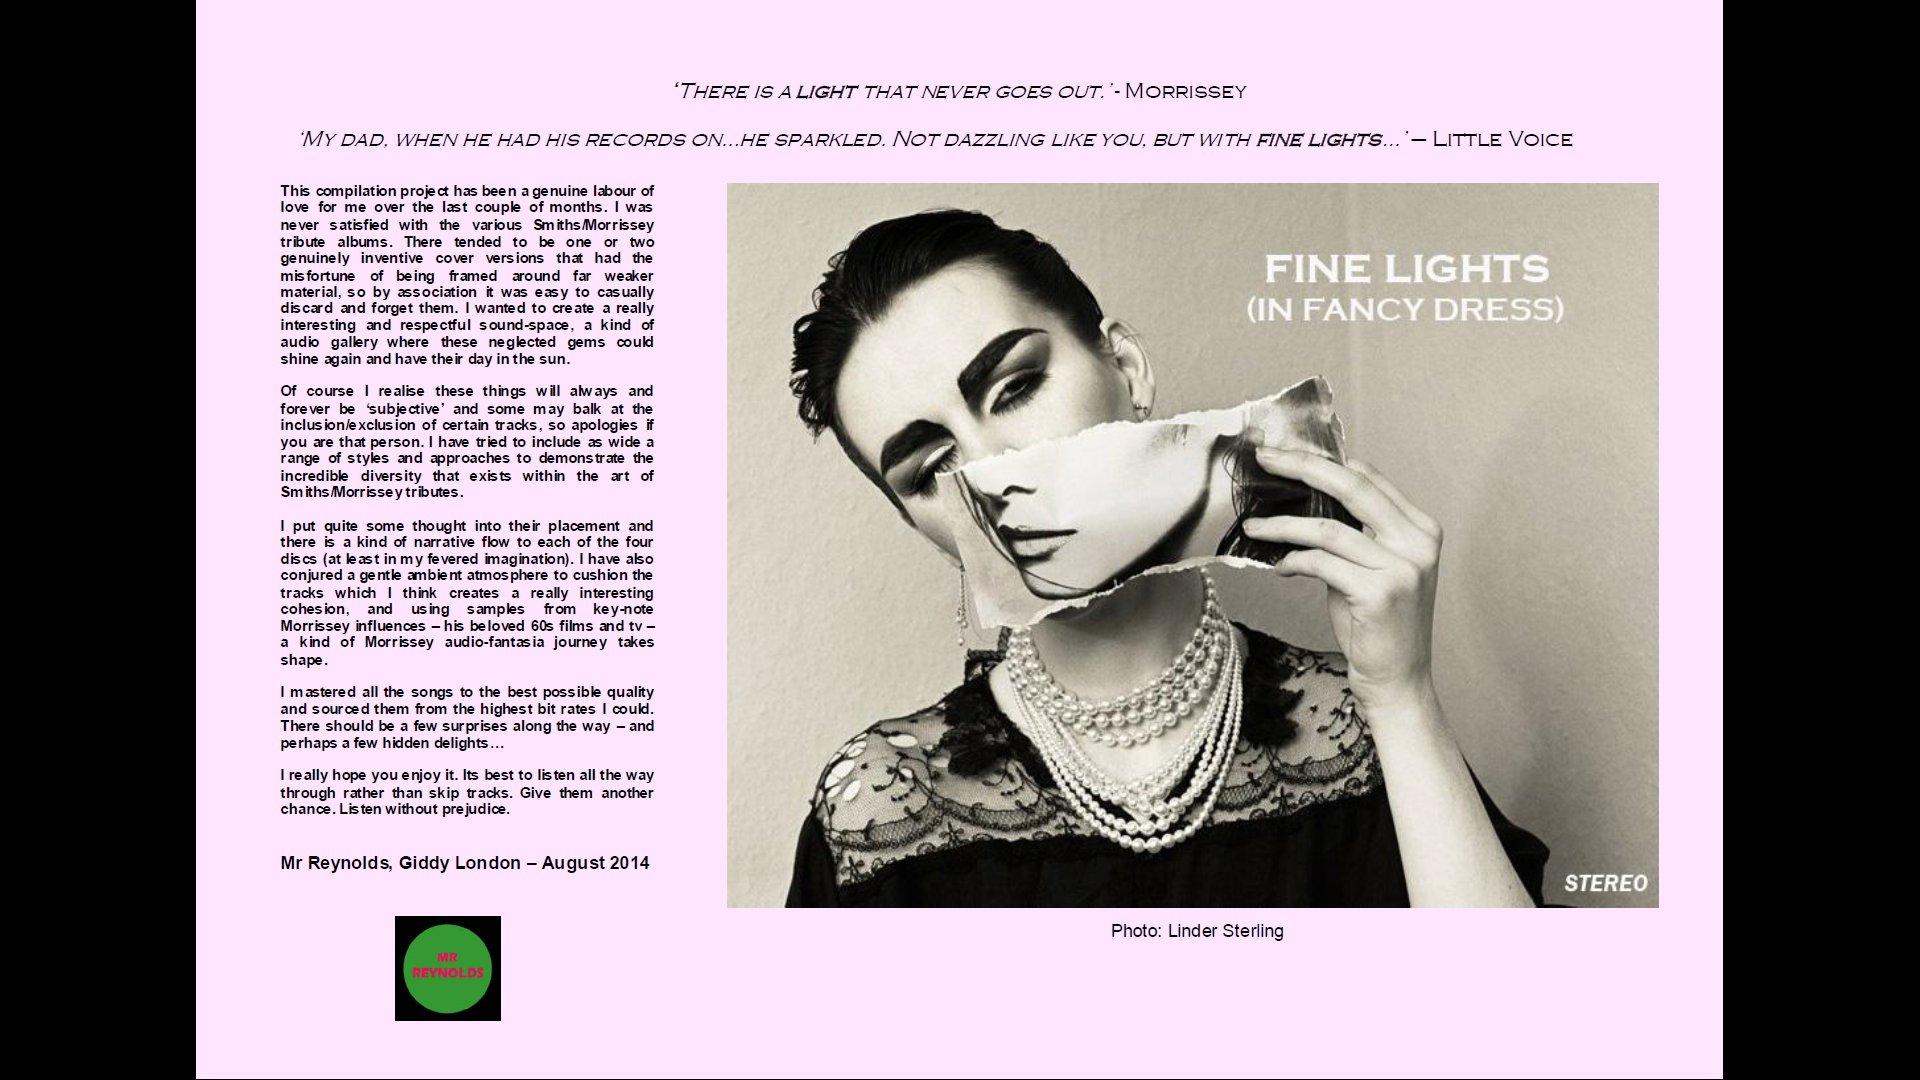 Fine Lights (in fancy dress).jpg